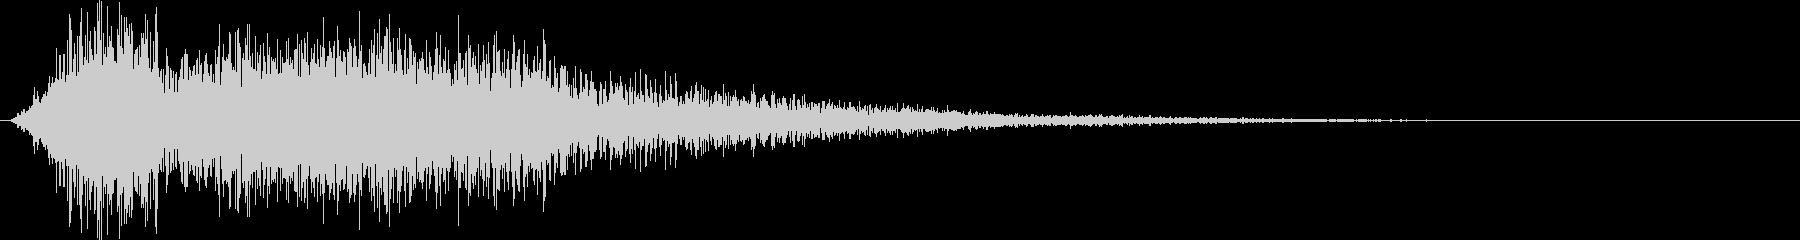 サウンドロゴ(豪快)の未再生の波形